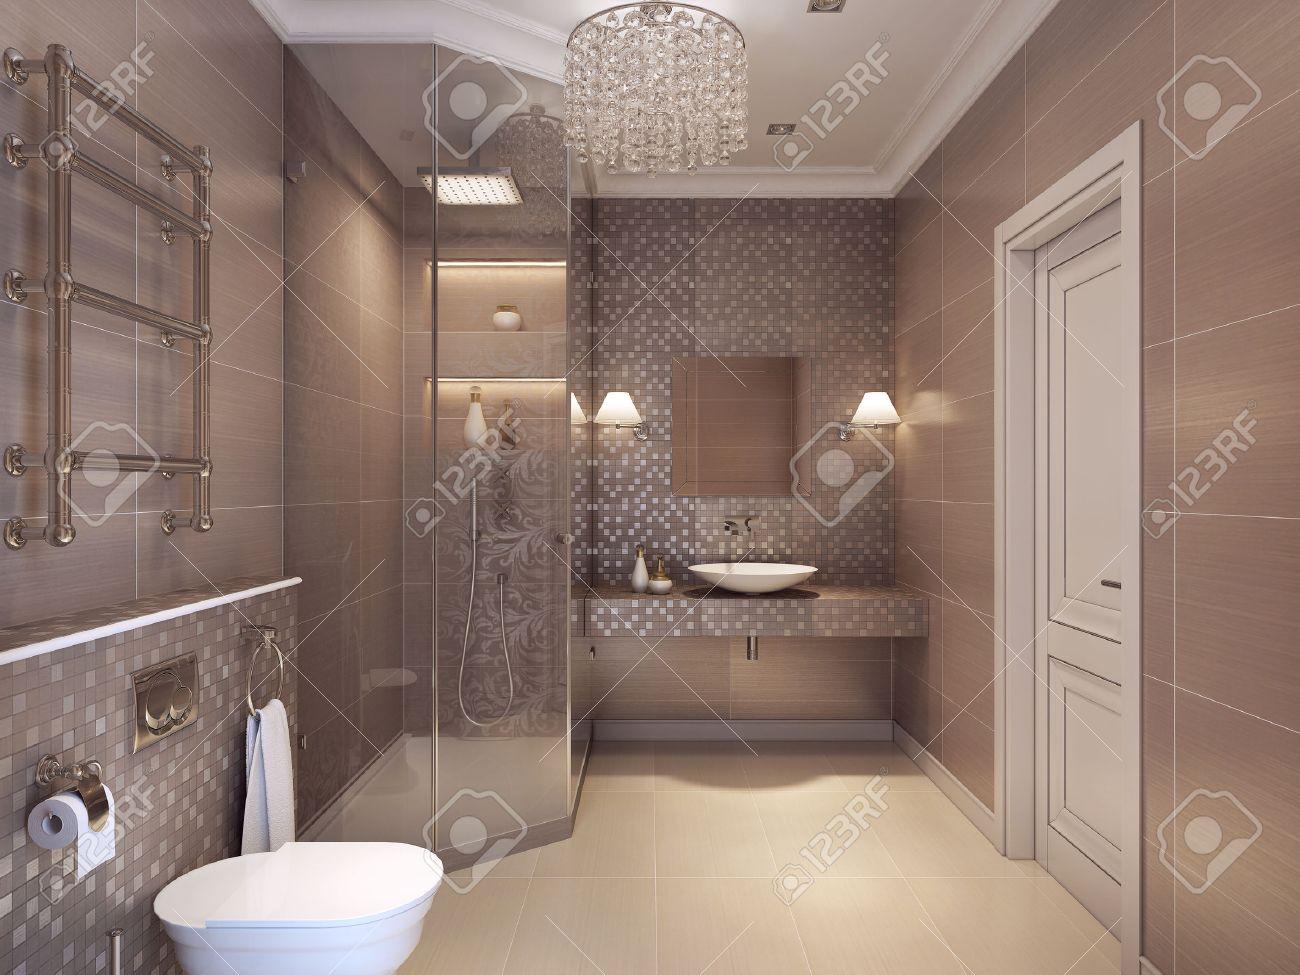 Modernes Badezimmer Im Art Deco Stil. Dusche, WC Und Waschbecken Konsoles.  3D übertragen